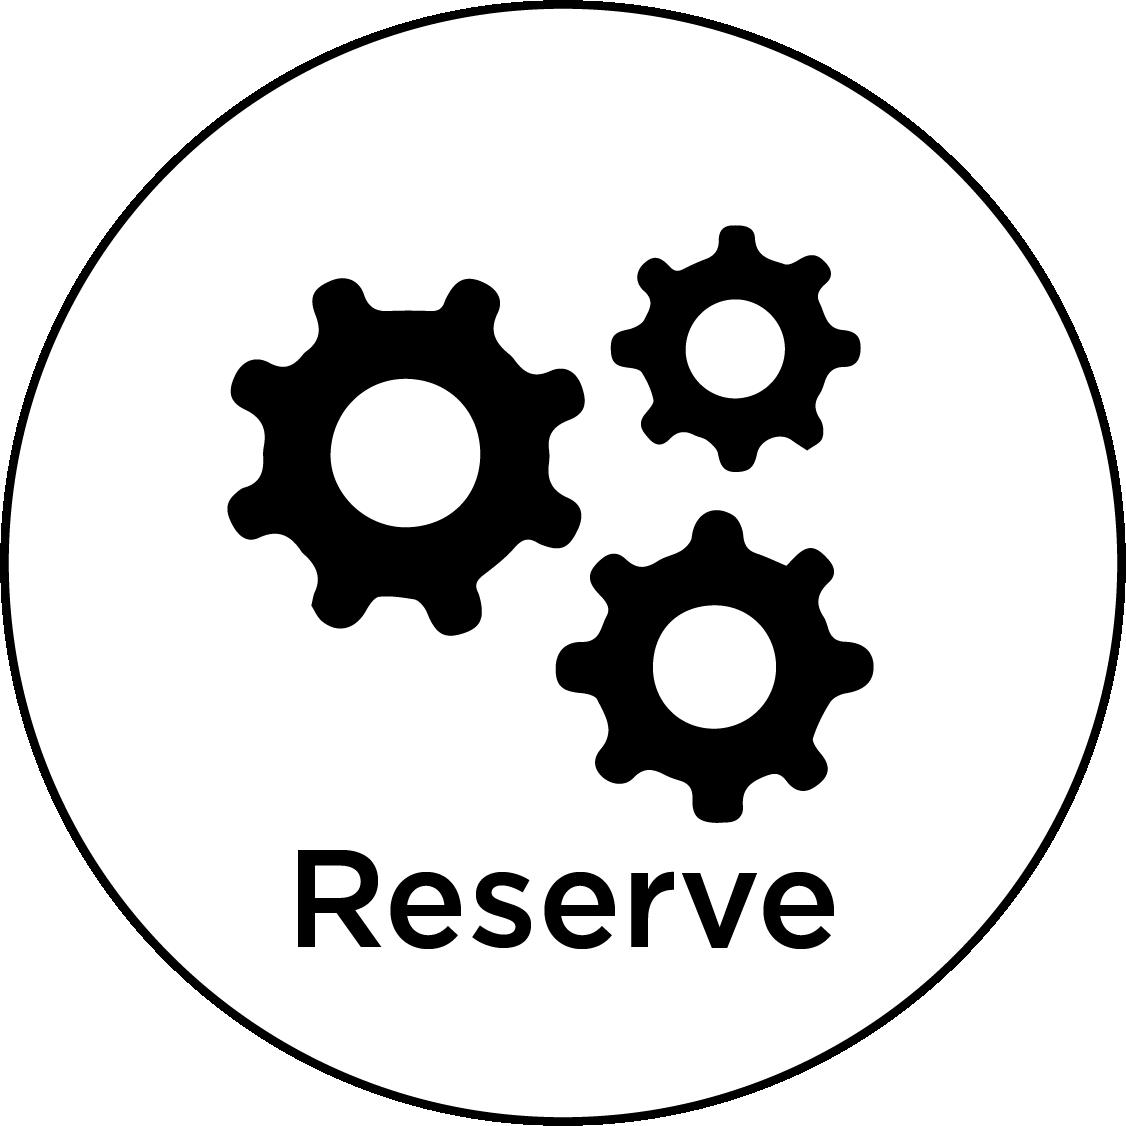 MakerGarage Computer Room Reservation